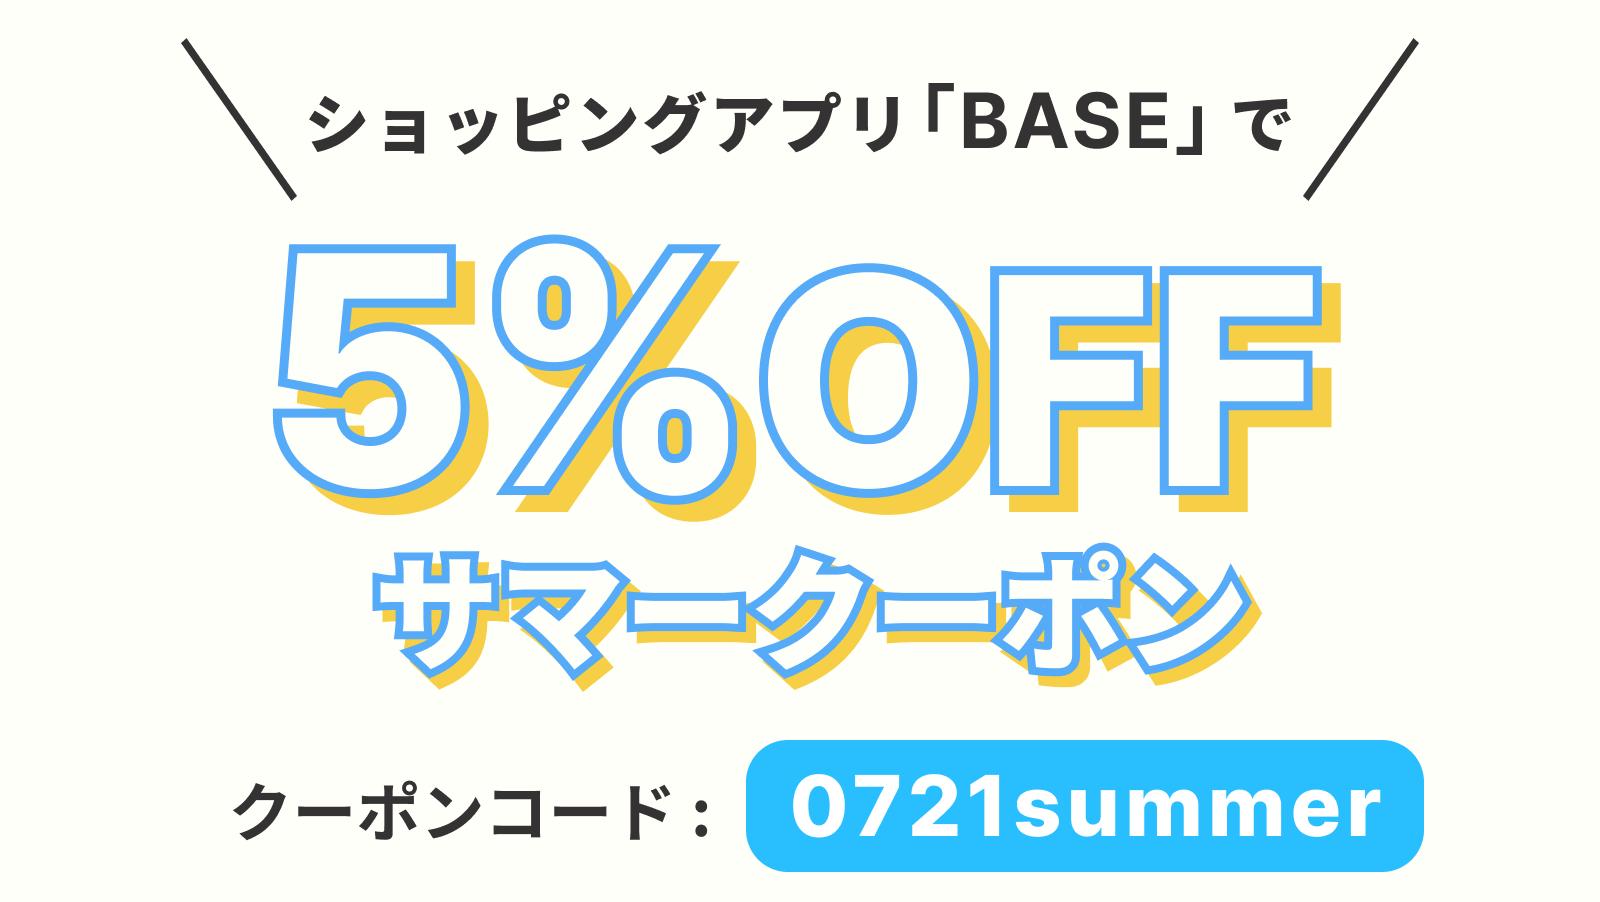 ショッピングアプリ「BASE」限定でご利用いただける5%OFFサマークーポン実施中!